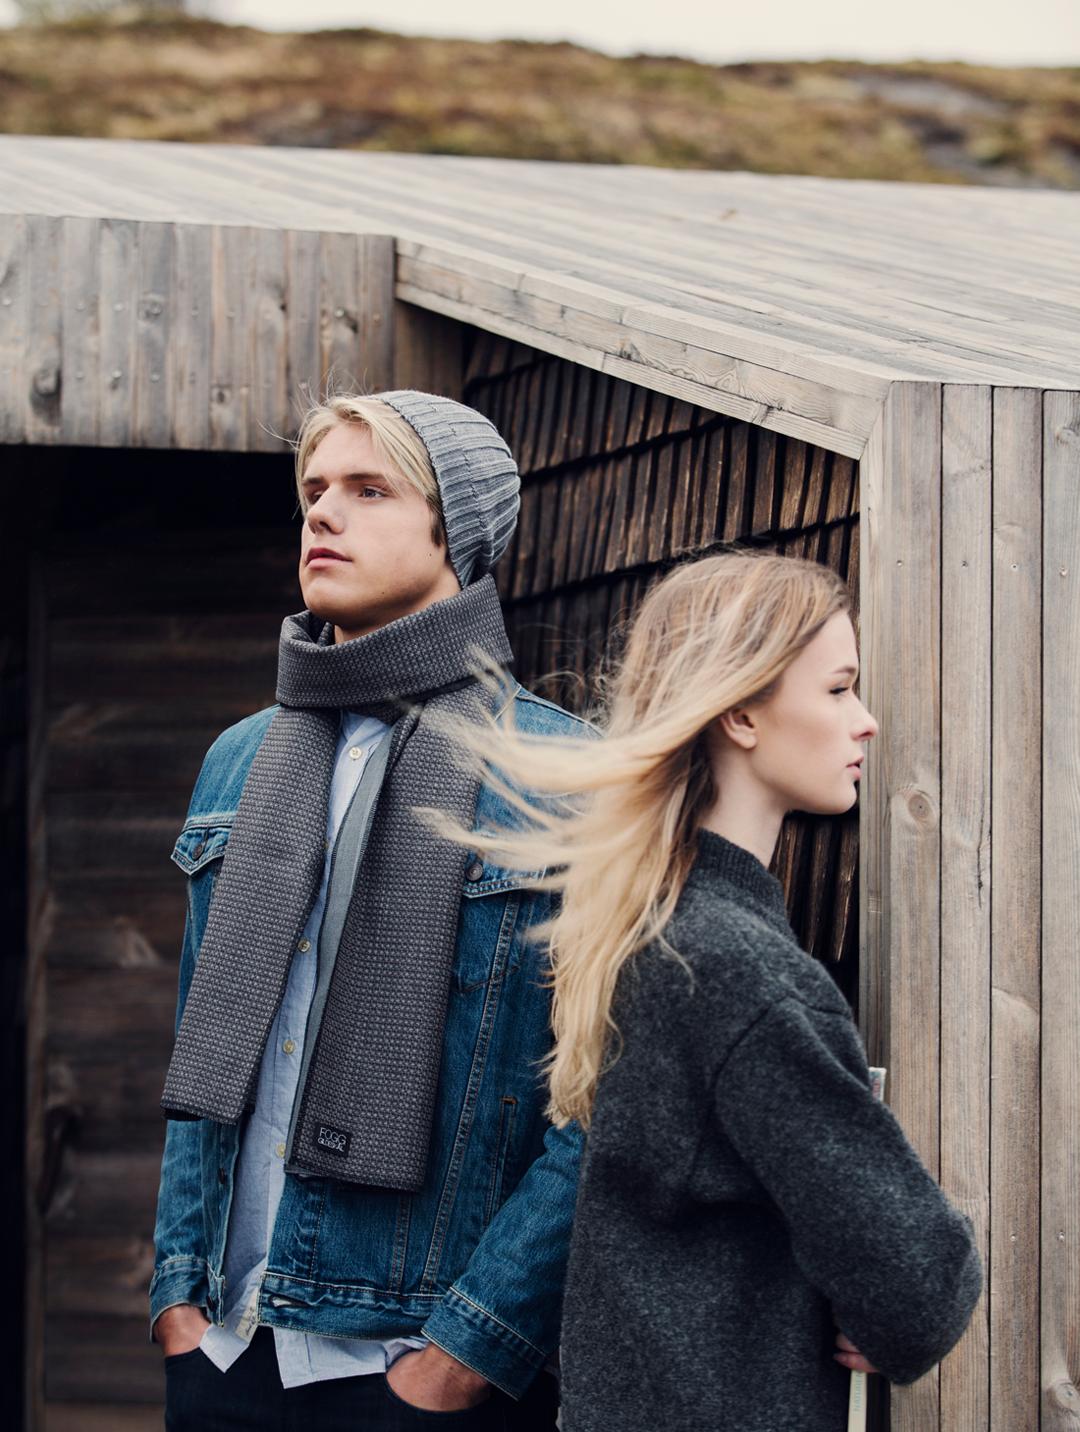 Frøydis Pedersen/ Fogg Gildeskål